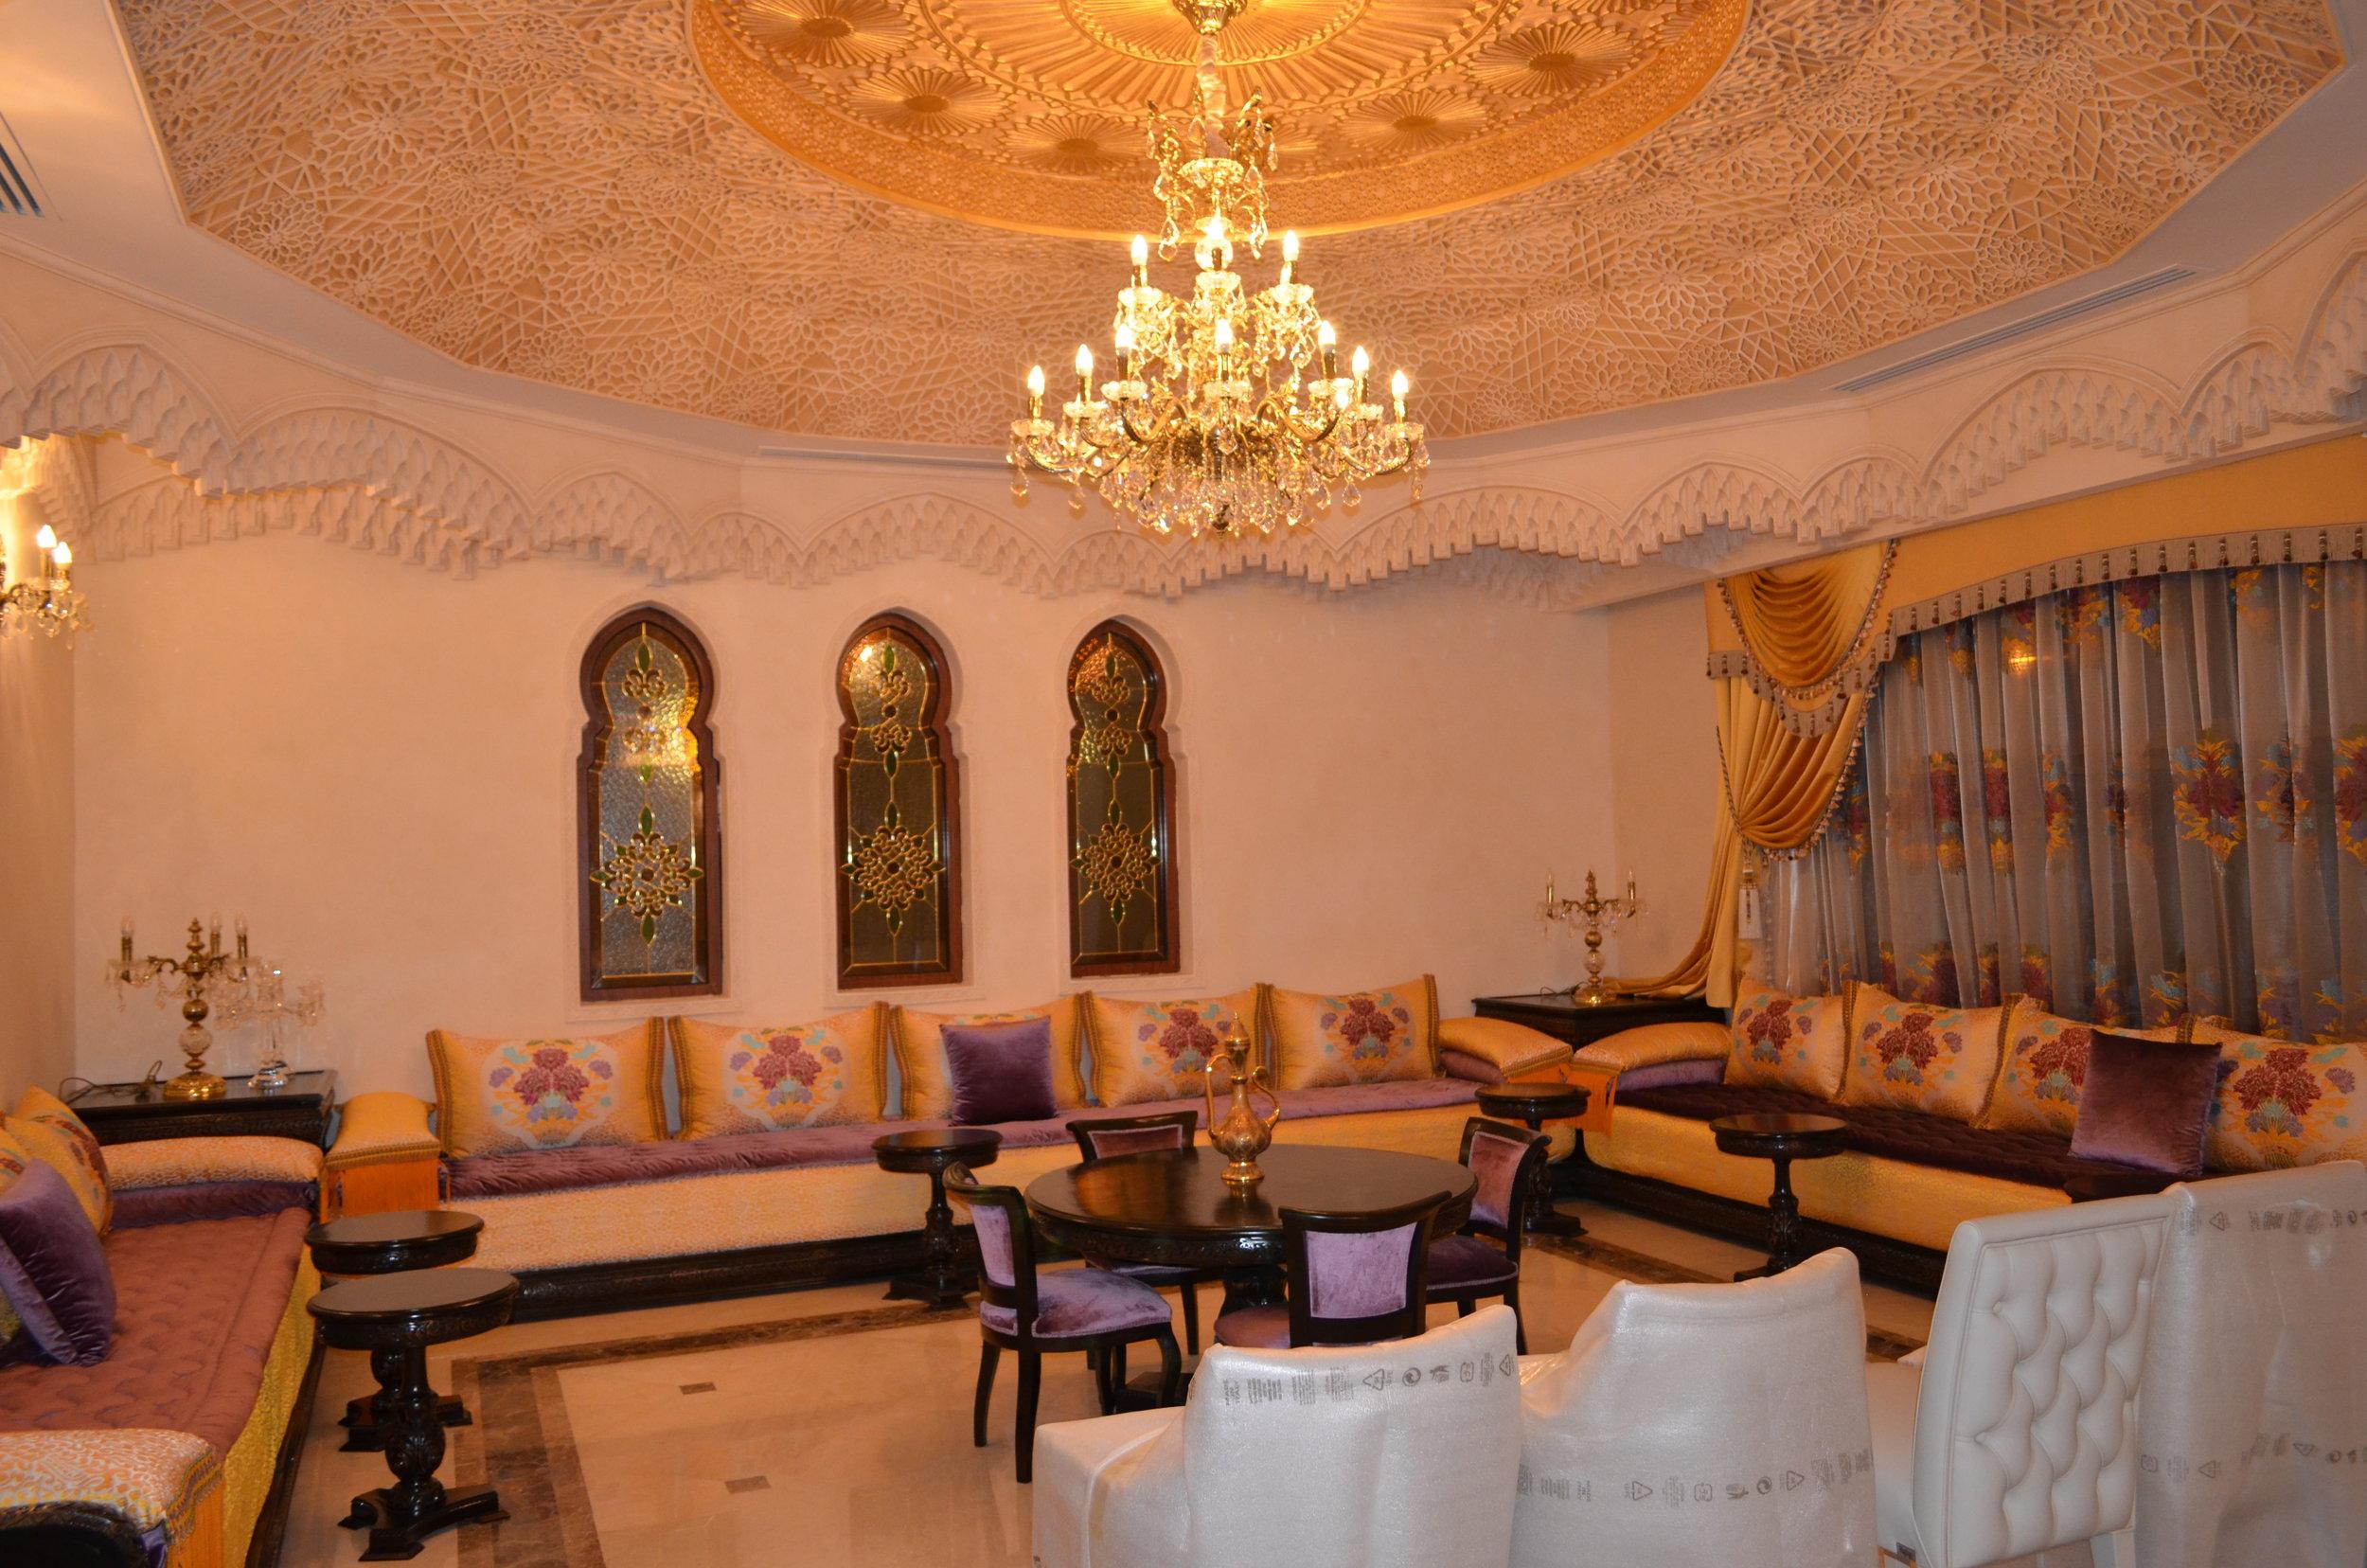 Wranovsky-Dubai-Lounge-1.JPG